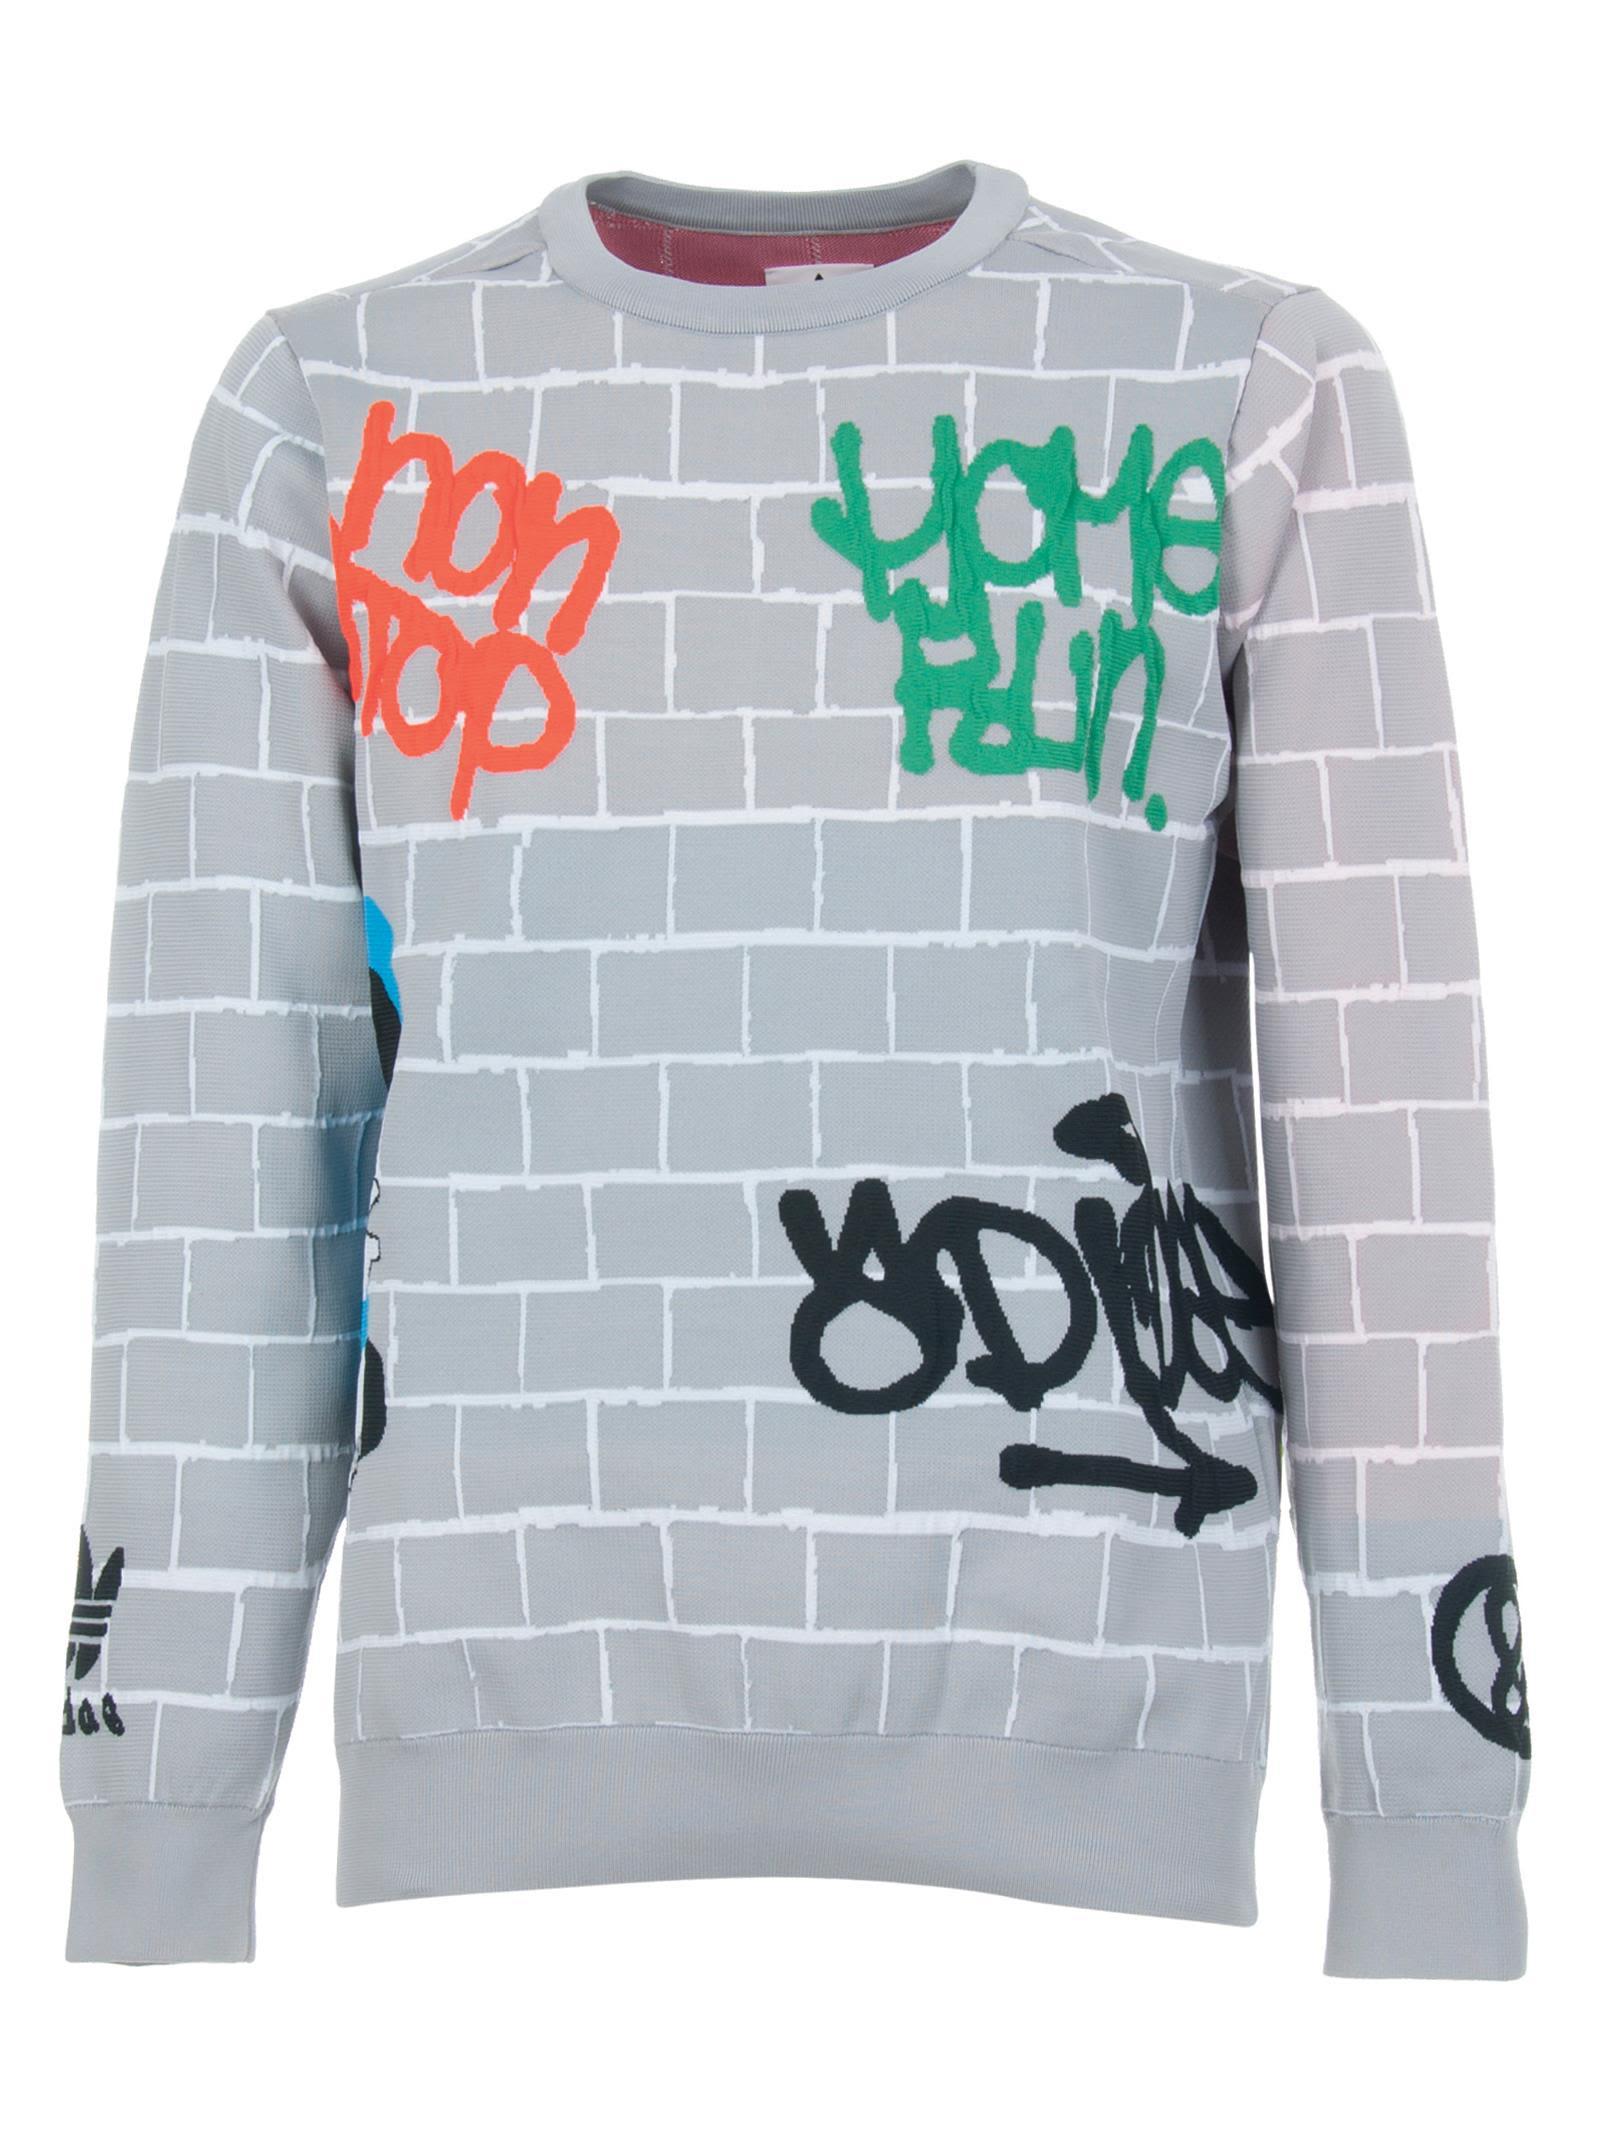 ADIDAS ORIGINALS BY UNITED ARROWS & SONS Adidas X United Arrows & Sons Knit Top in Grigio Medio